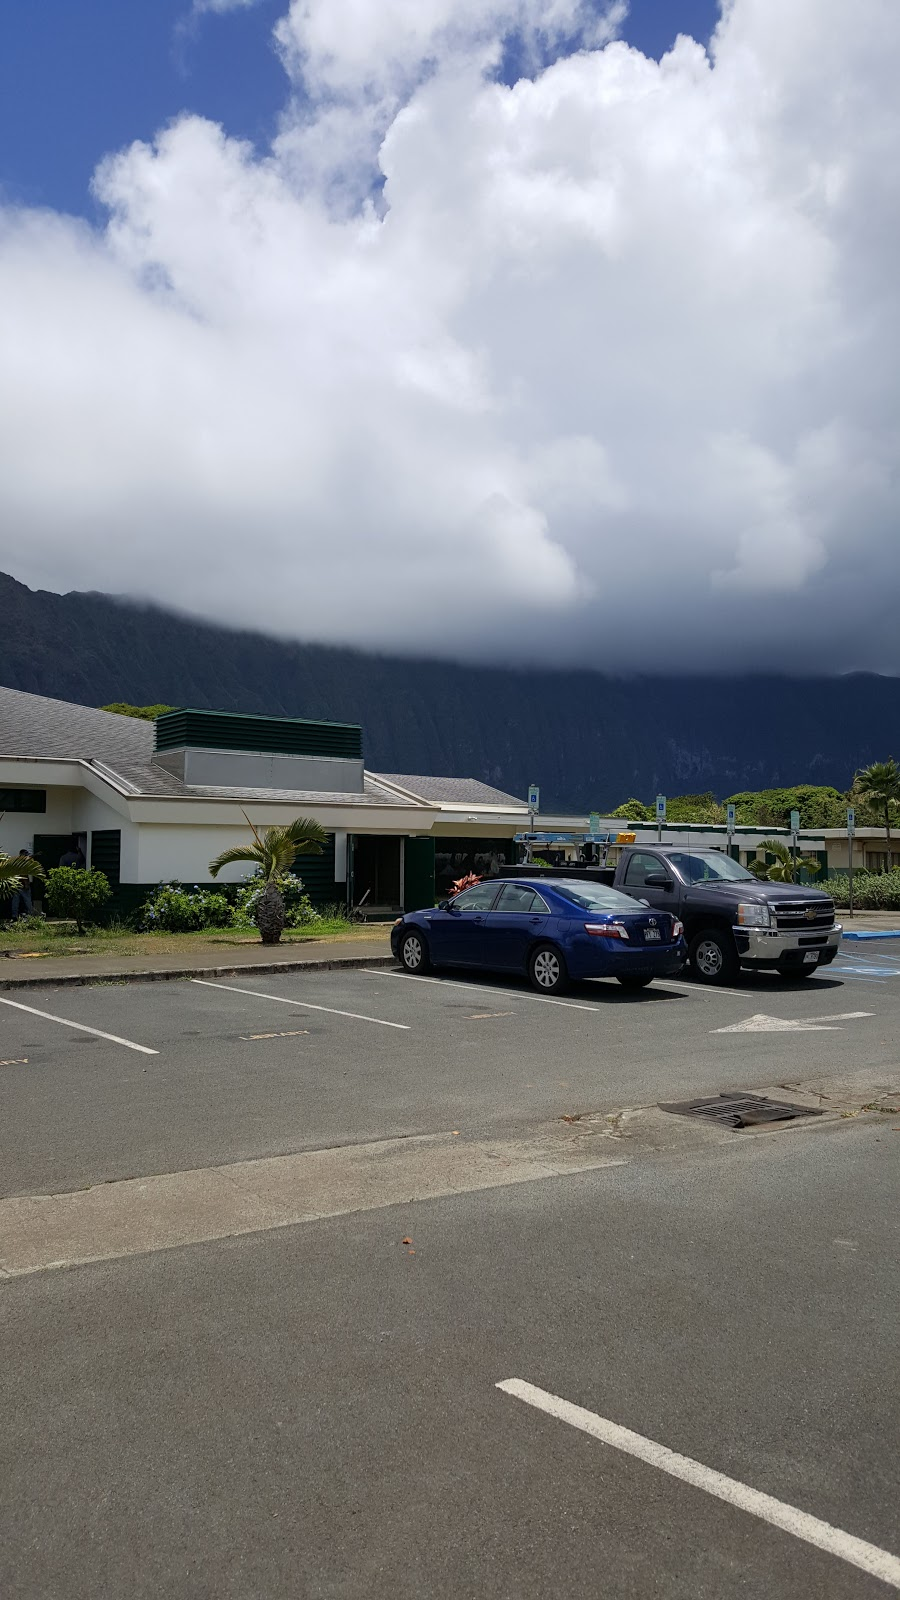 Waimānalo Library - library    Photo 1 of 1   Address: 41-1320 Kalanianaʻole Hwy, Waimānalo, HI 96795, USA   Phone: (808) 259-2610